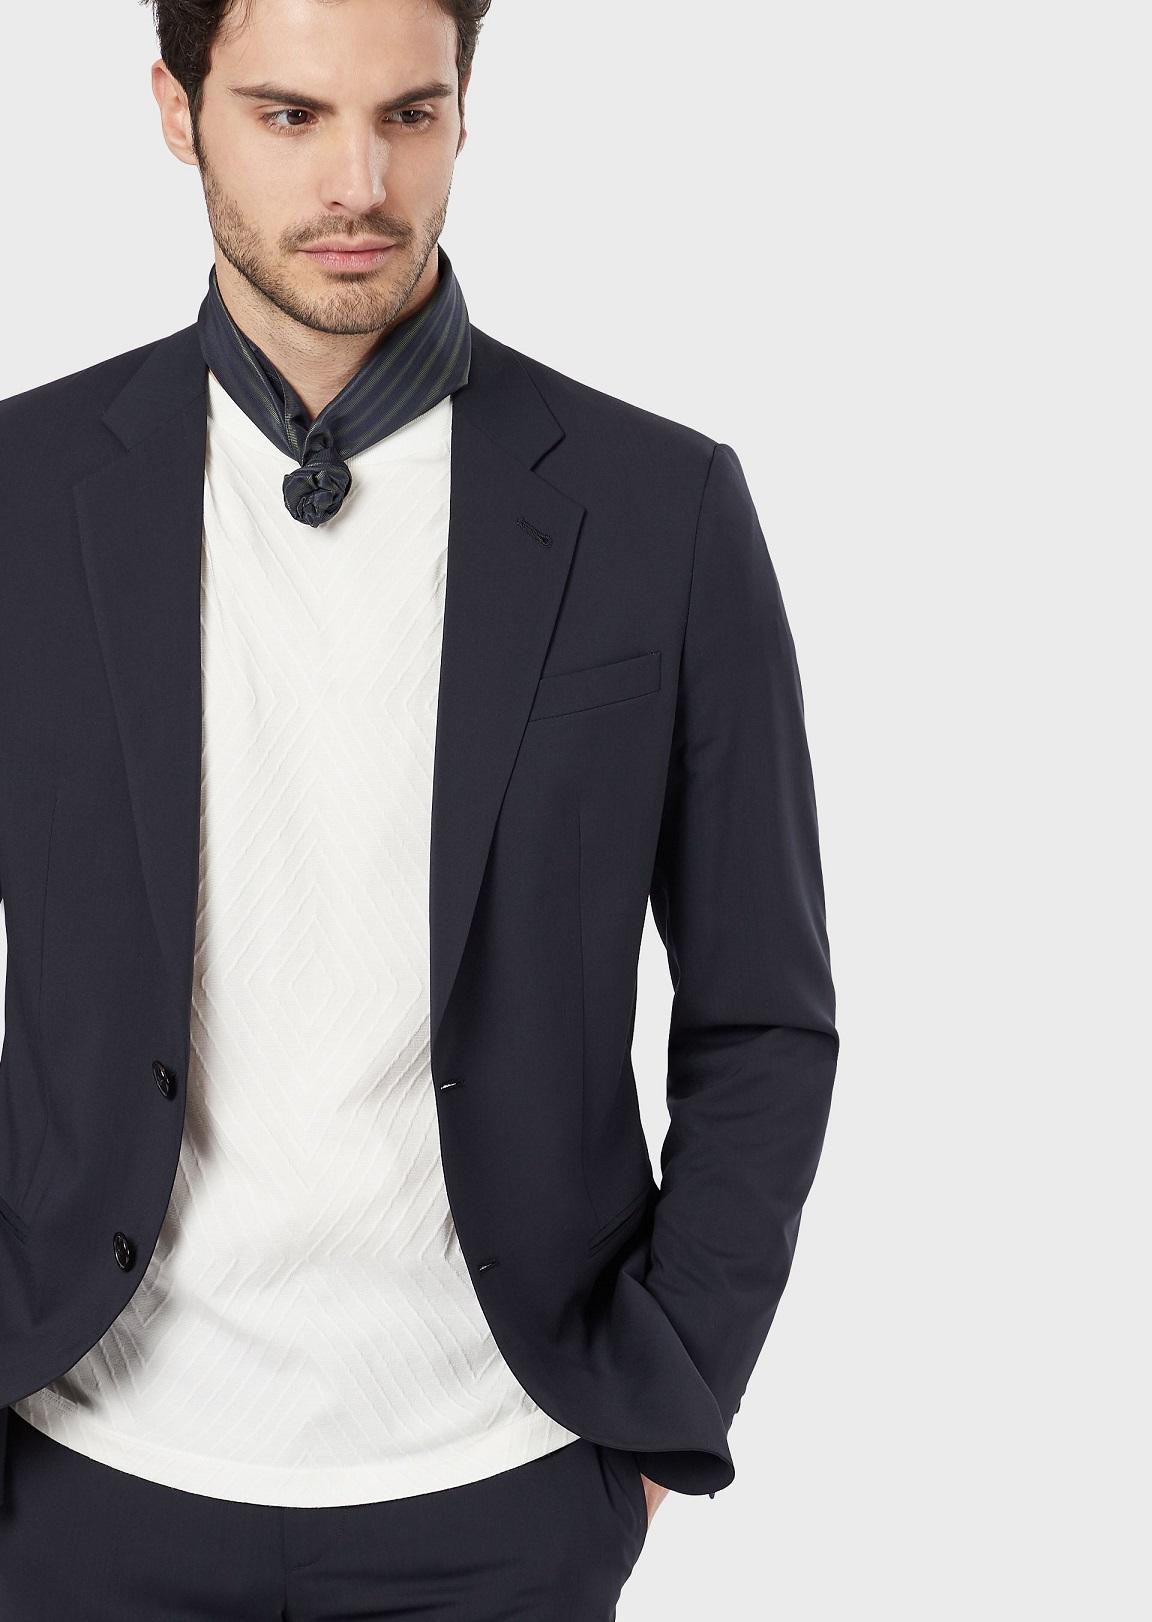 GIORGIO ARMANI(ジョルジオ・アルマーニ) ネクタイスカーフ